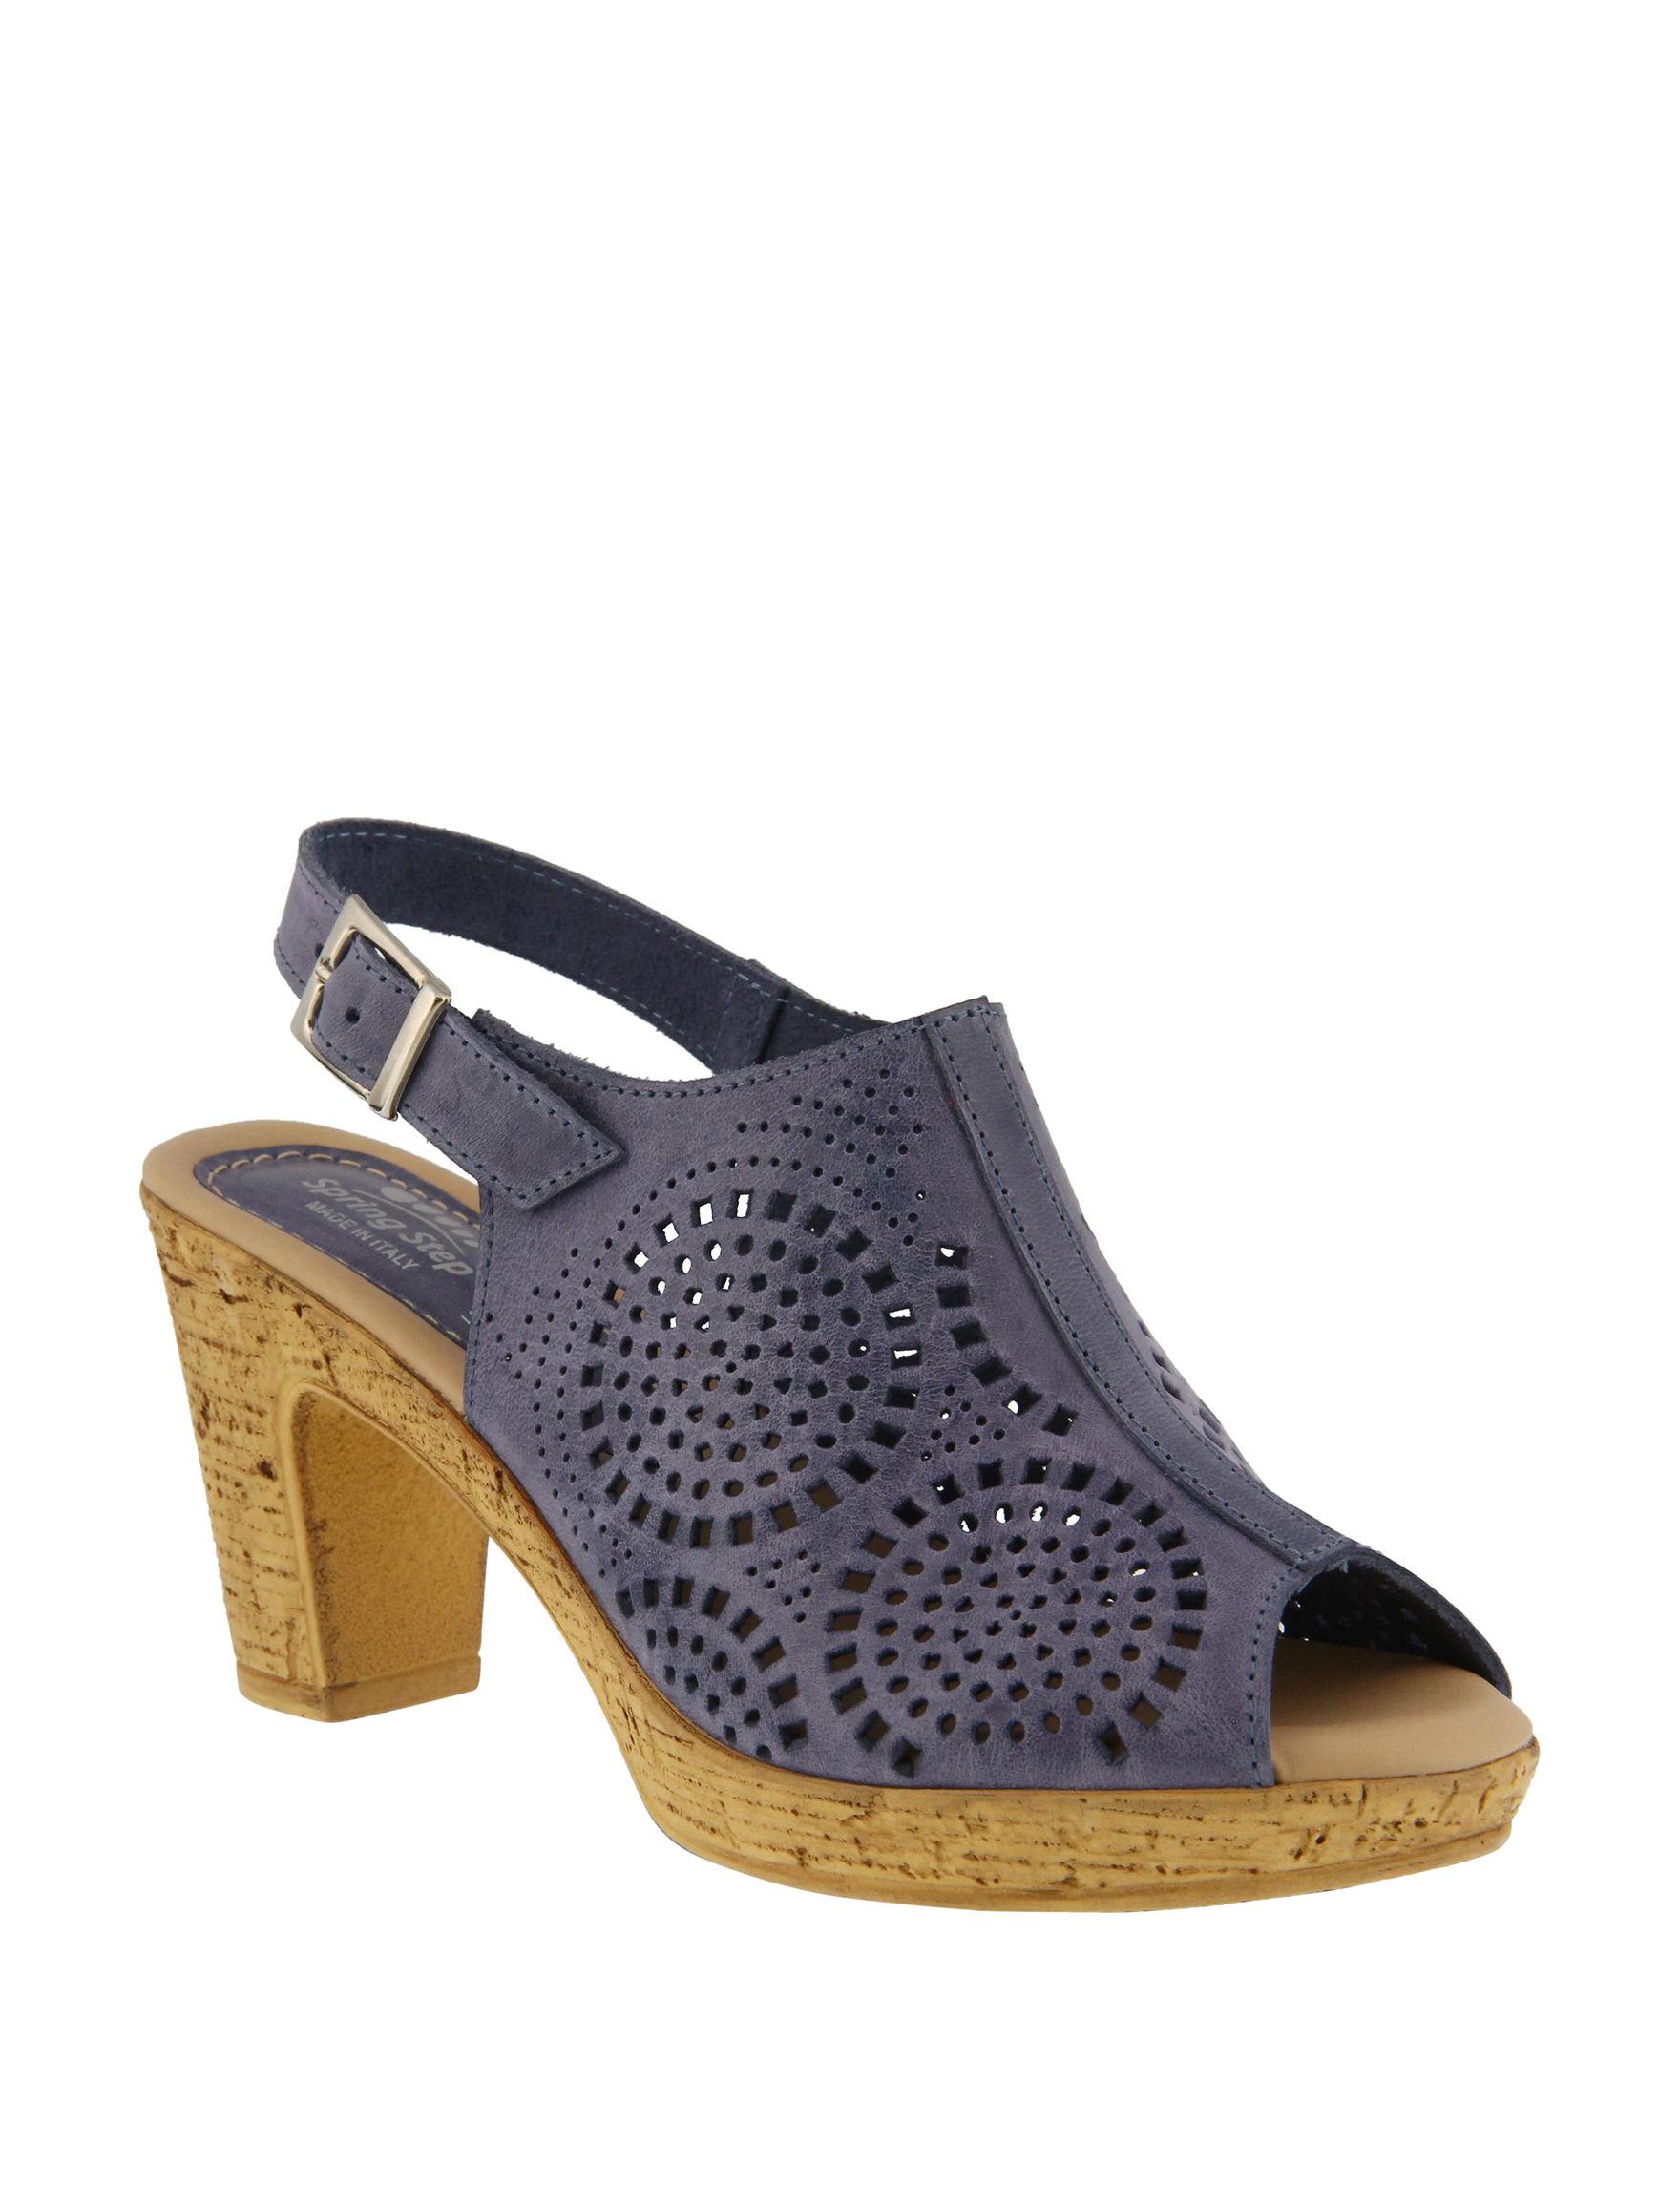 Spring Step Blue Heeled Sandals